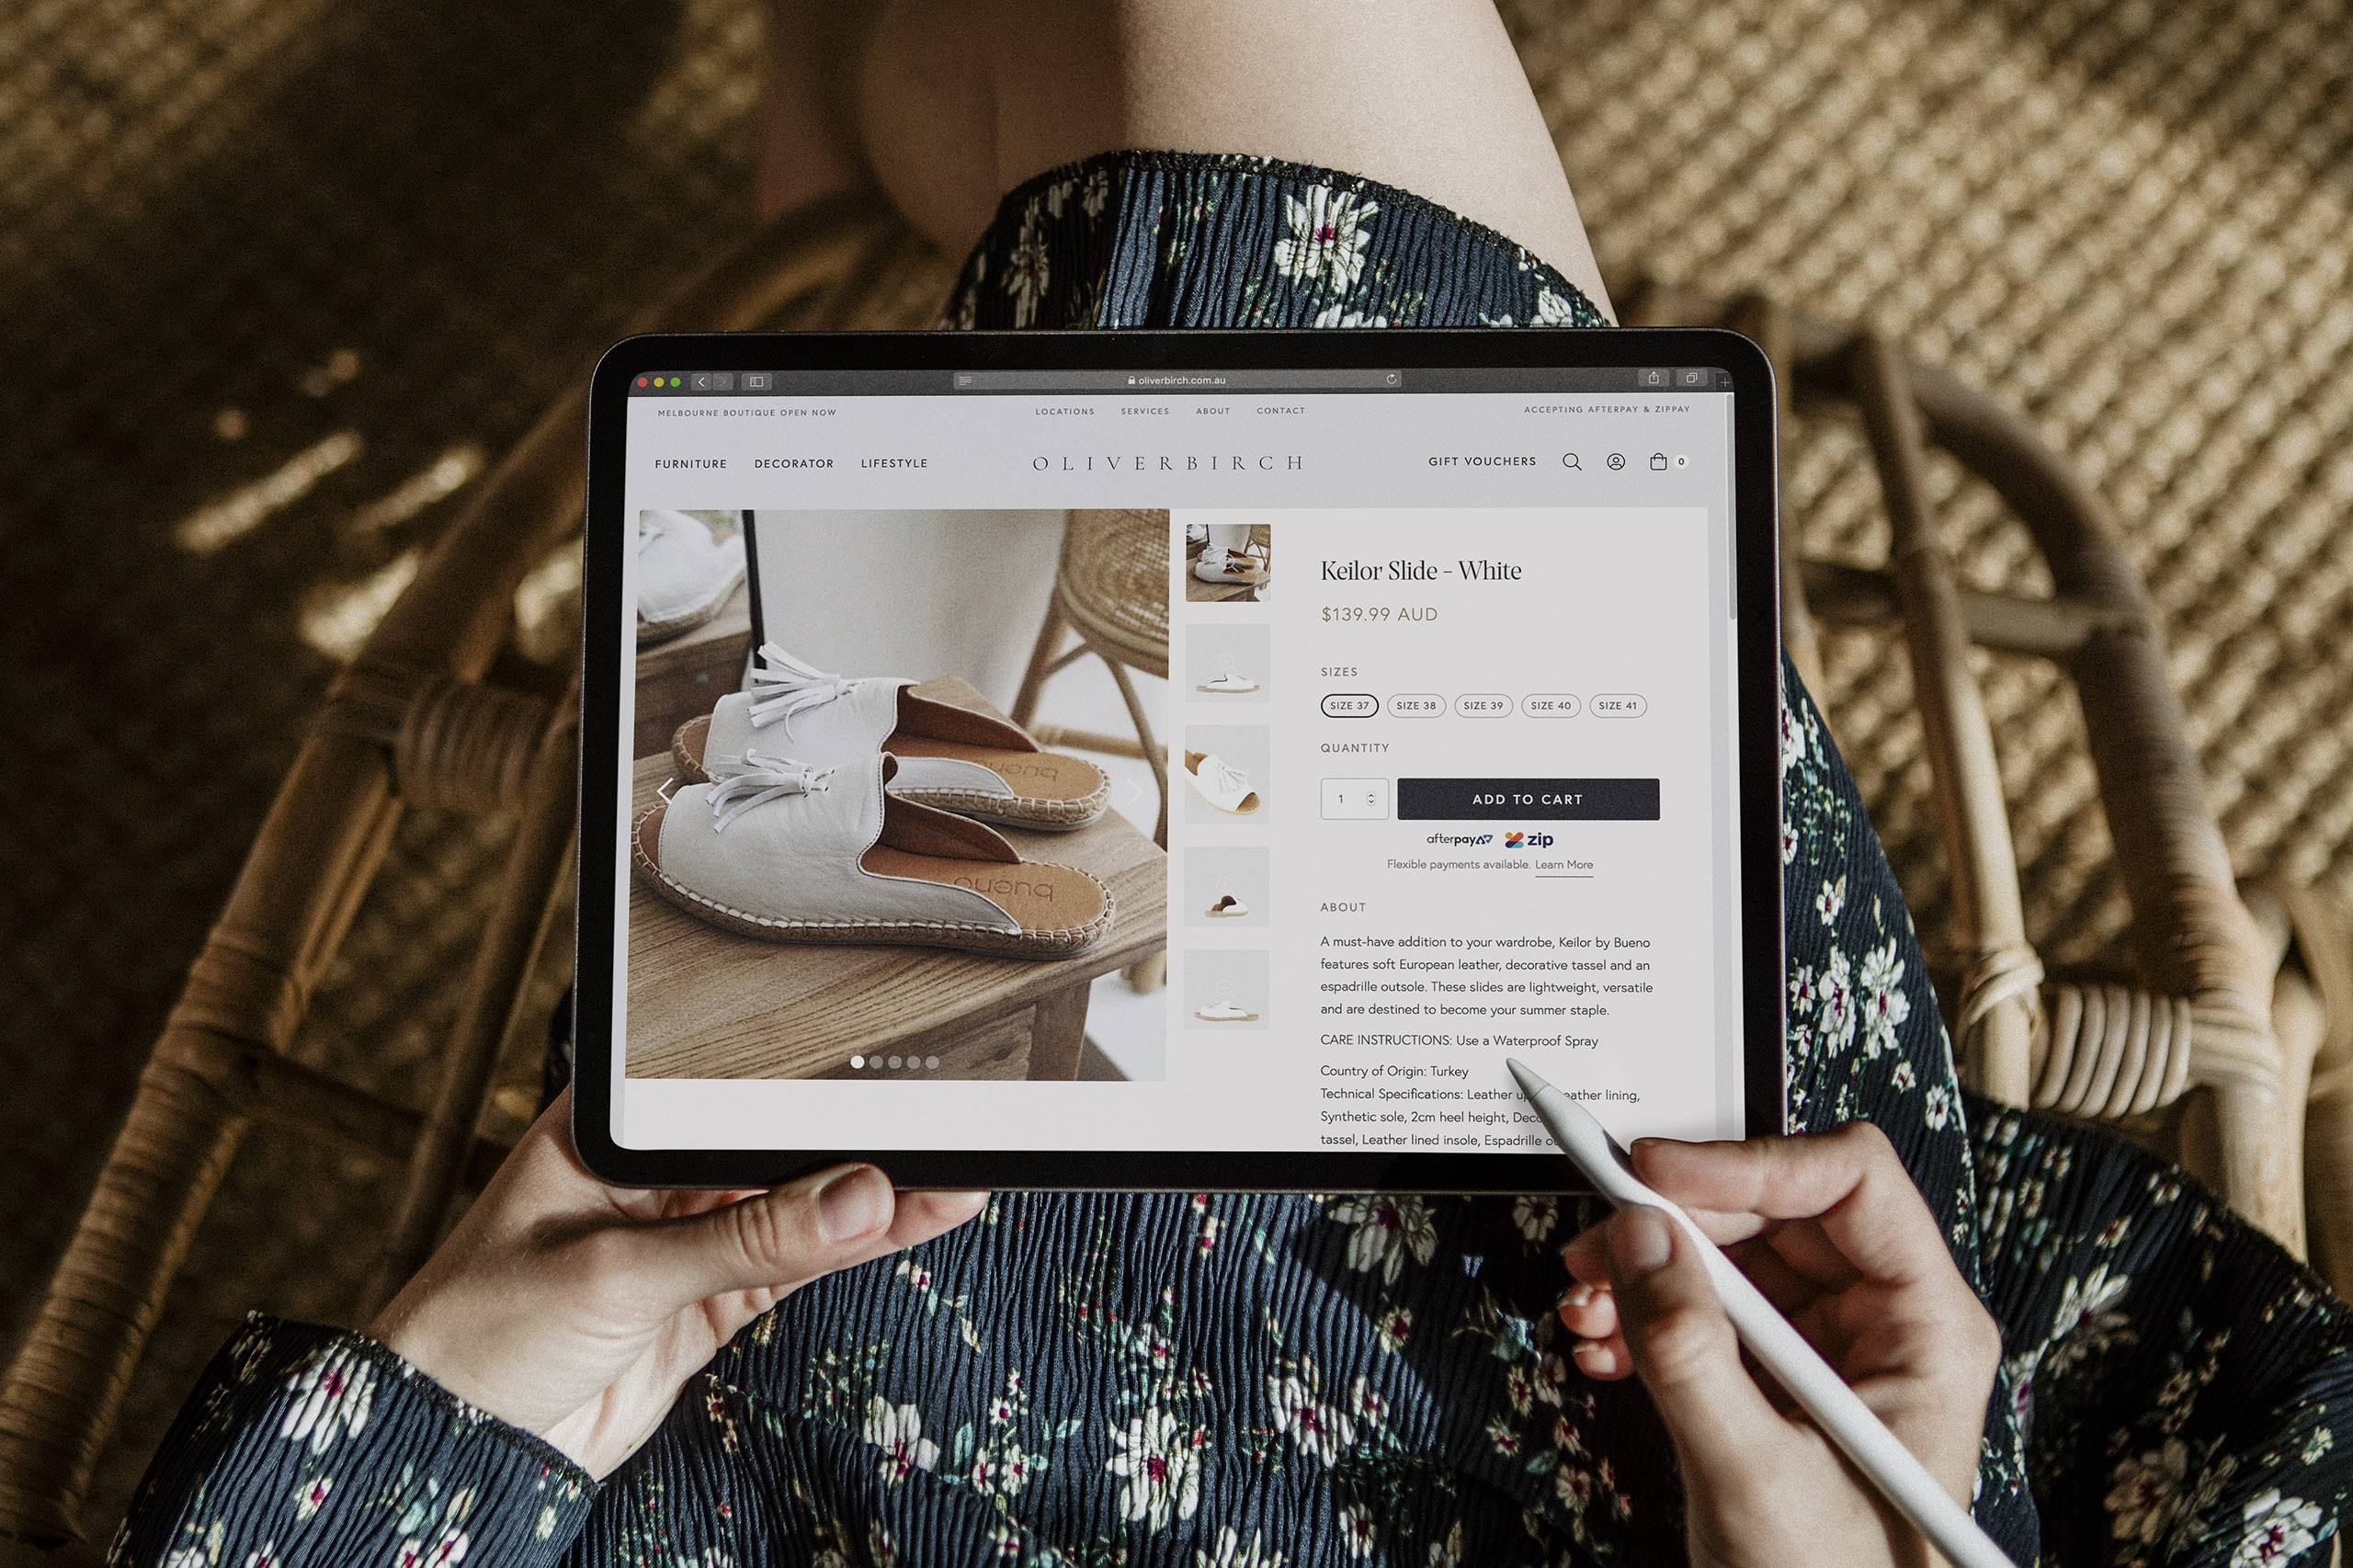 Oliver Birch website design and ecommerce implementation